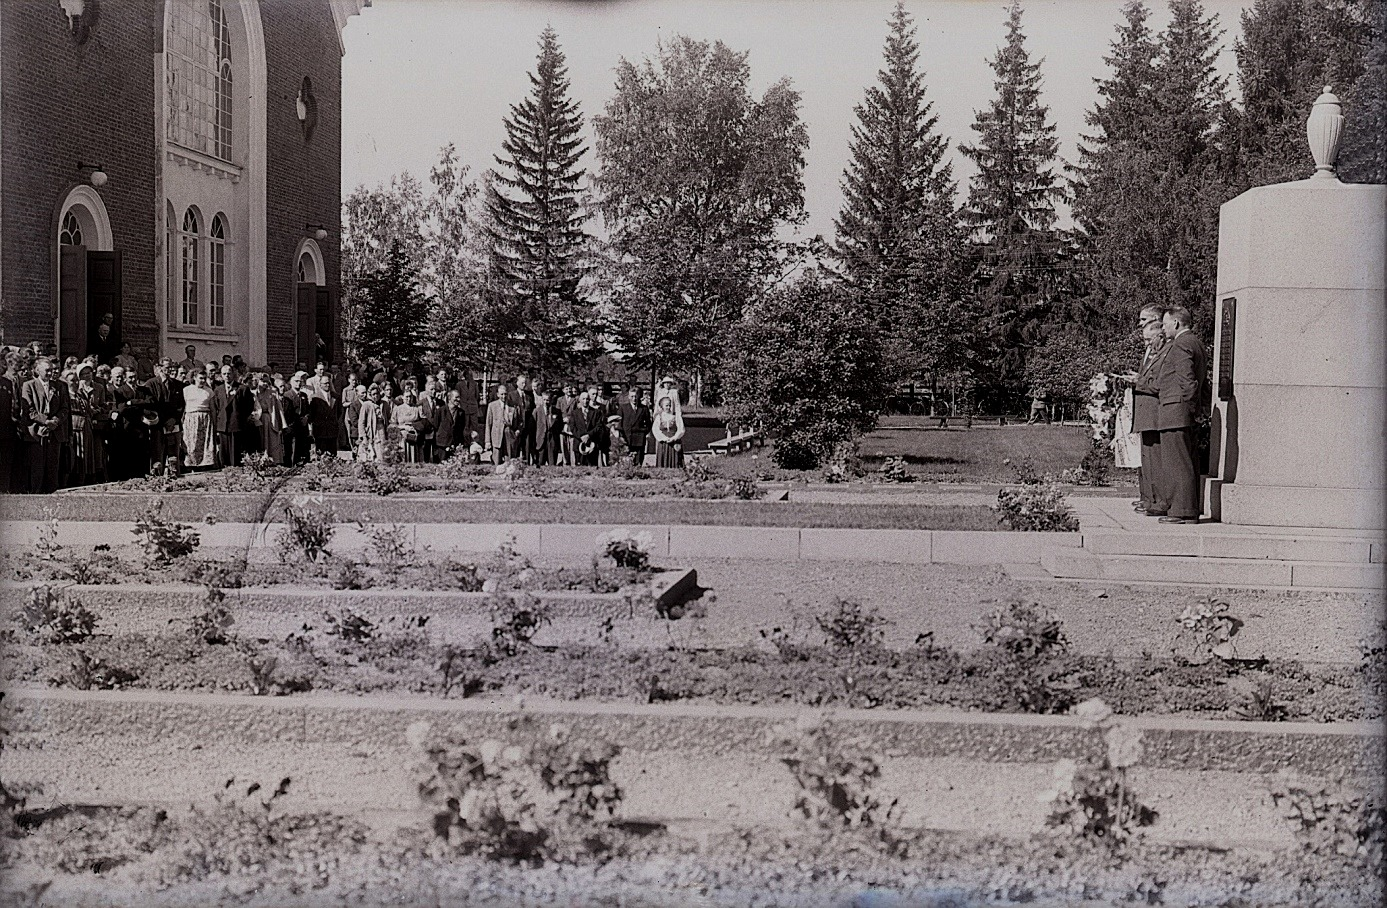 Här på Selim Björses foto är det en högtidlig uppvaktning vid krigargravarna framför kyrkan i Lappfjärd. Minnesmonumenten till höger i bild restes efter inbördeskriget, ungefär 1920. Det är tillverkat i Hangö och transporterades därifrån med tåg till Kristinestad och sedan med häst till Lappfjärd. Traditionsarkivet i Vasa.